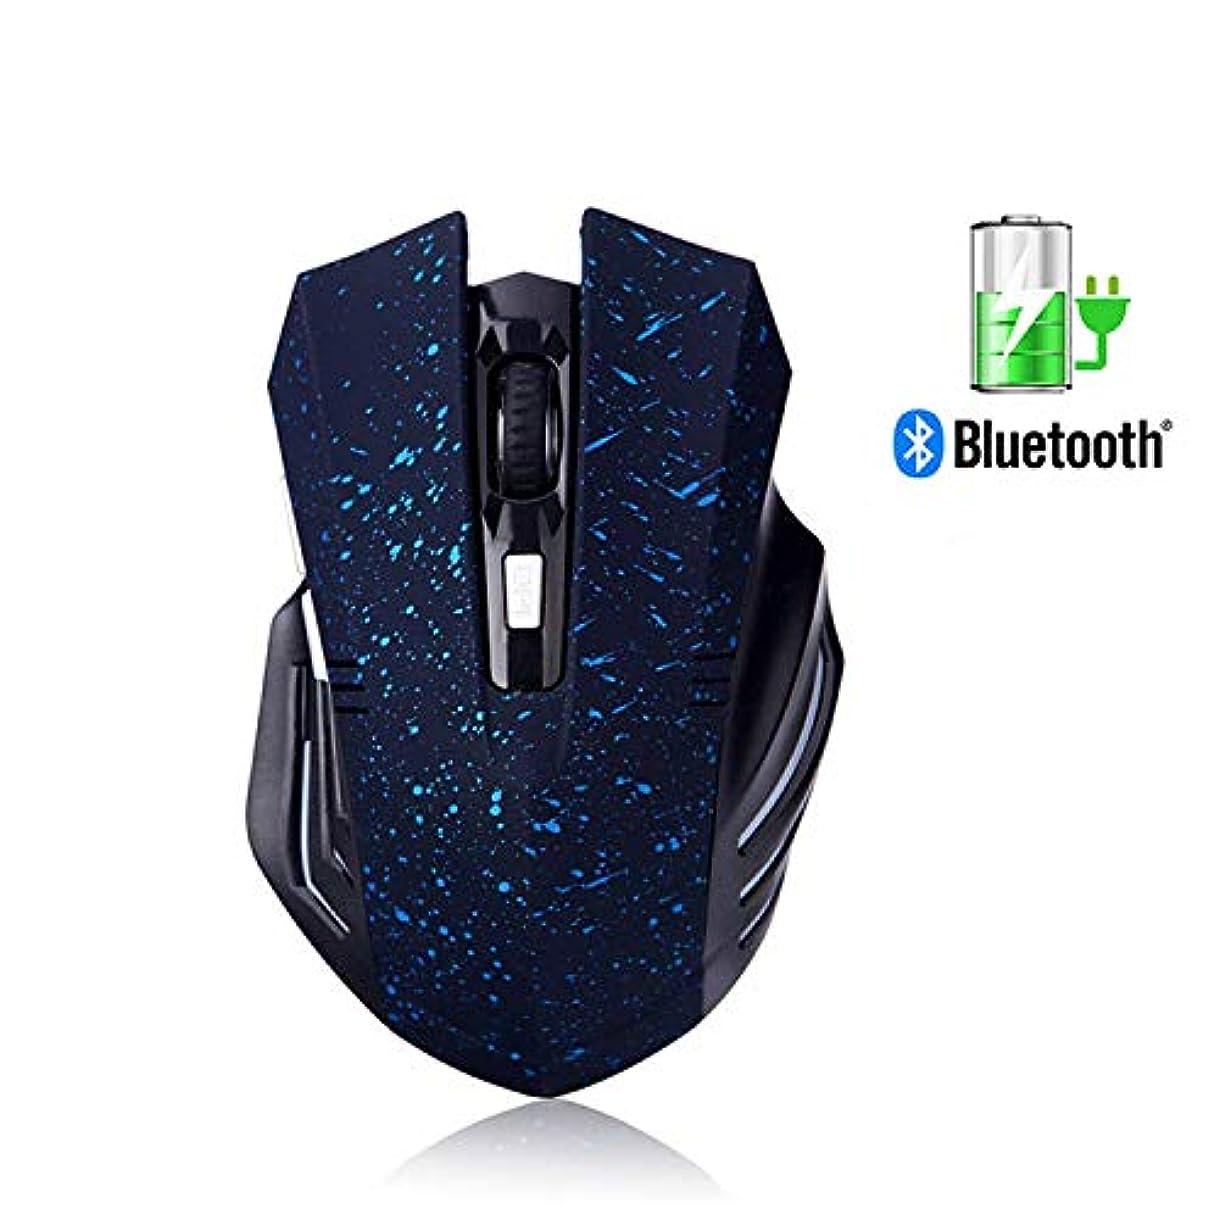 ヘビークレタ省略Tsmine Bluetooth ワイヤレス 無線 静音 充電式ゲームマウス 静かなクリックでノイズレス 6ボタン 3段階DPI調整 PC/Android/Macなど多数のOS対応 スノーブルー